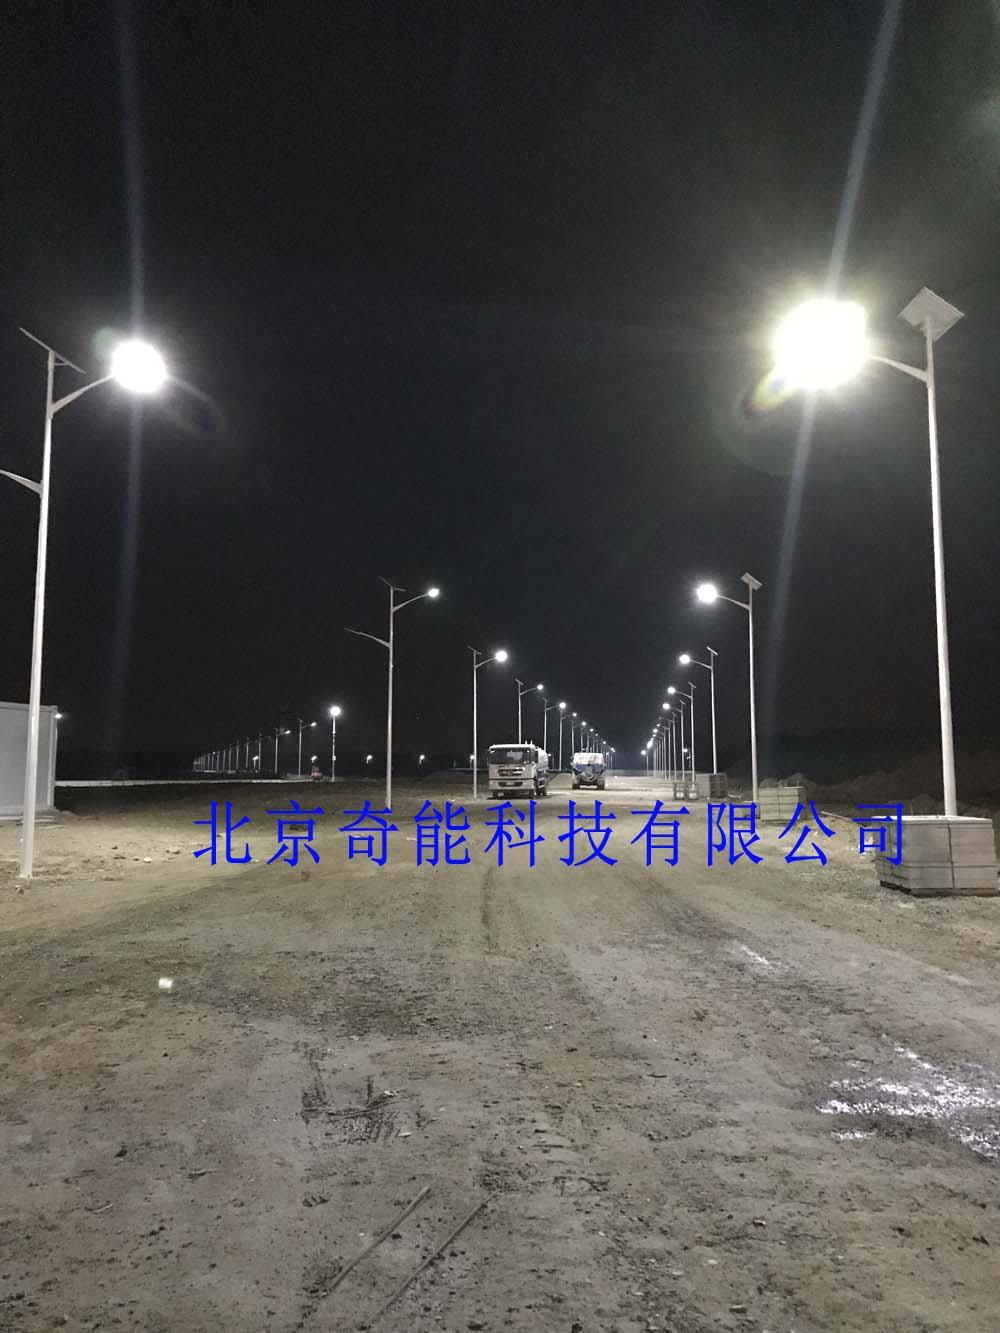 大兴国际机场8米市电互补太阳能路灯